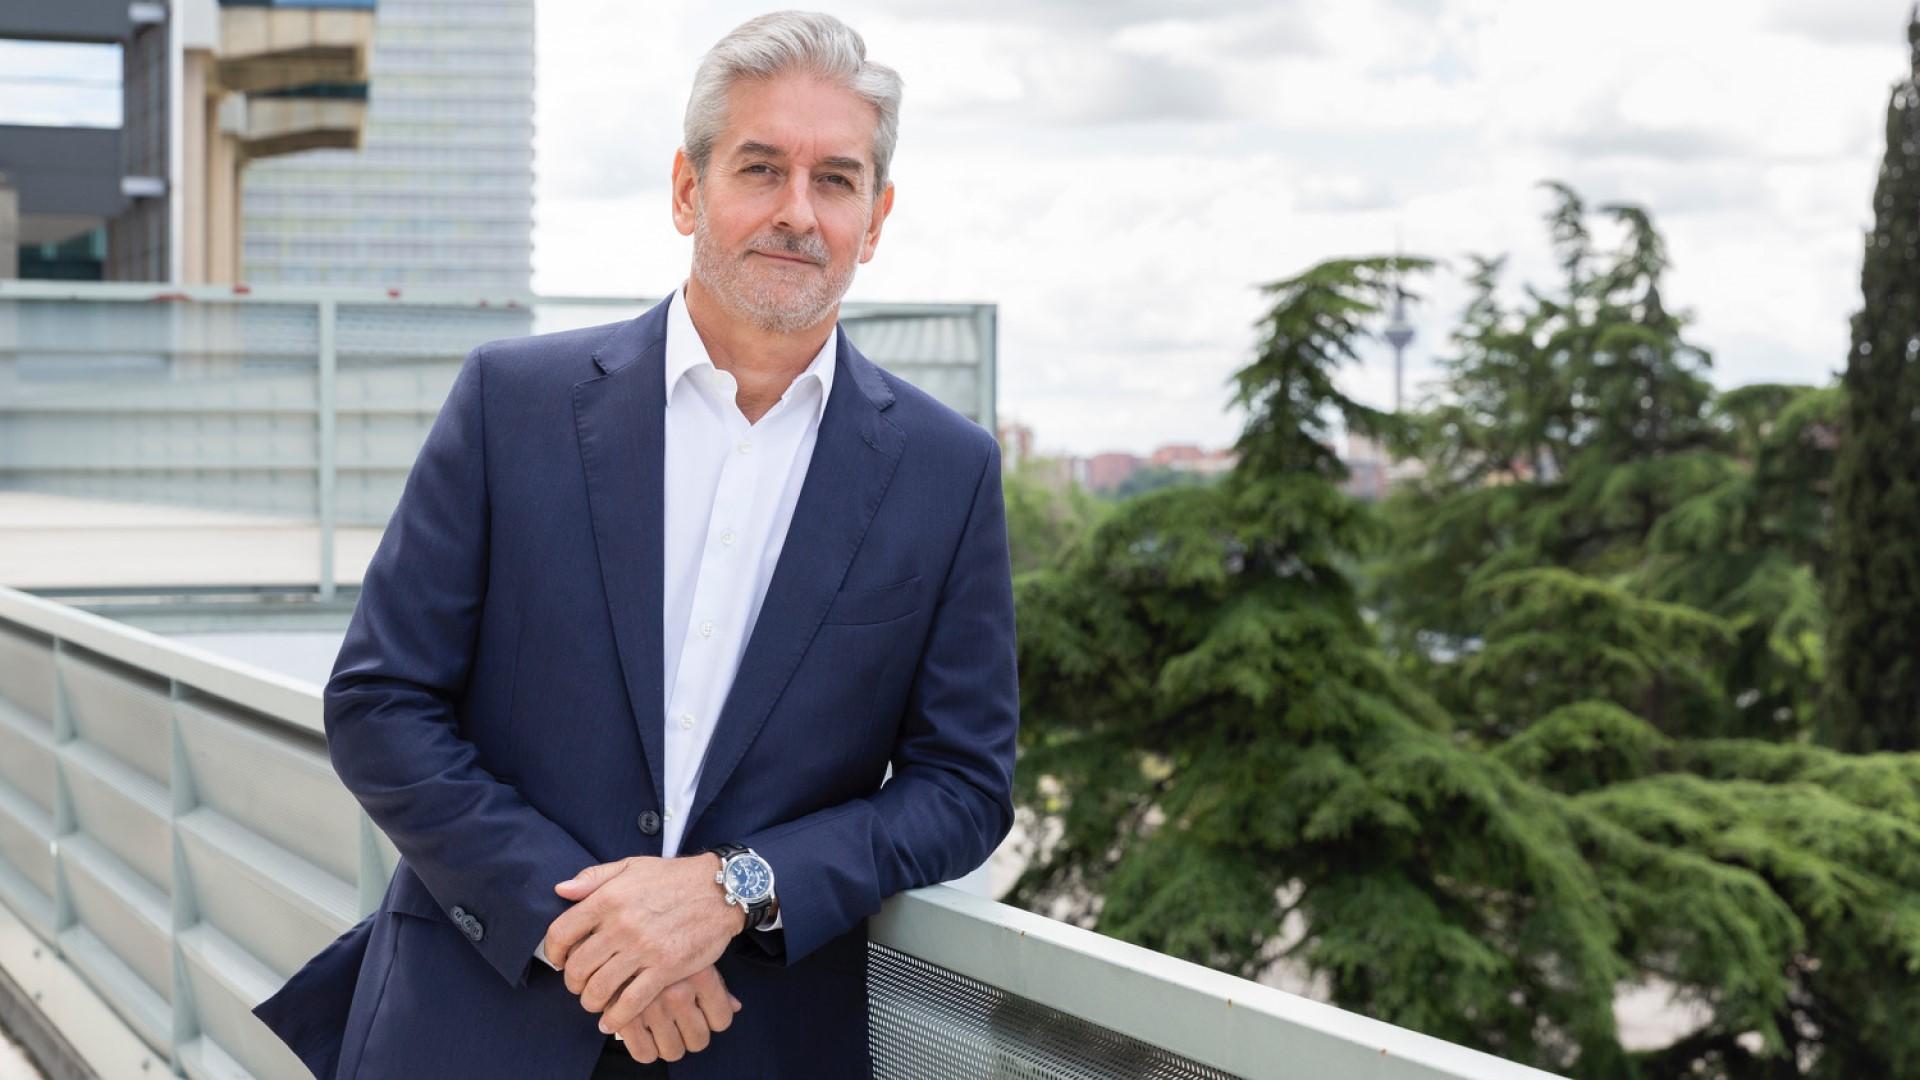 Antonio Moreno, Managing Director Central & Eastern Europe, Alstom